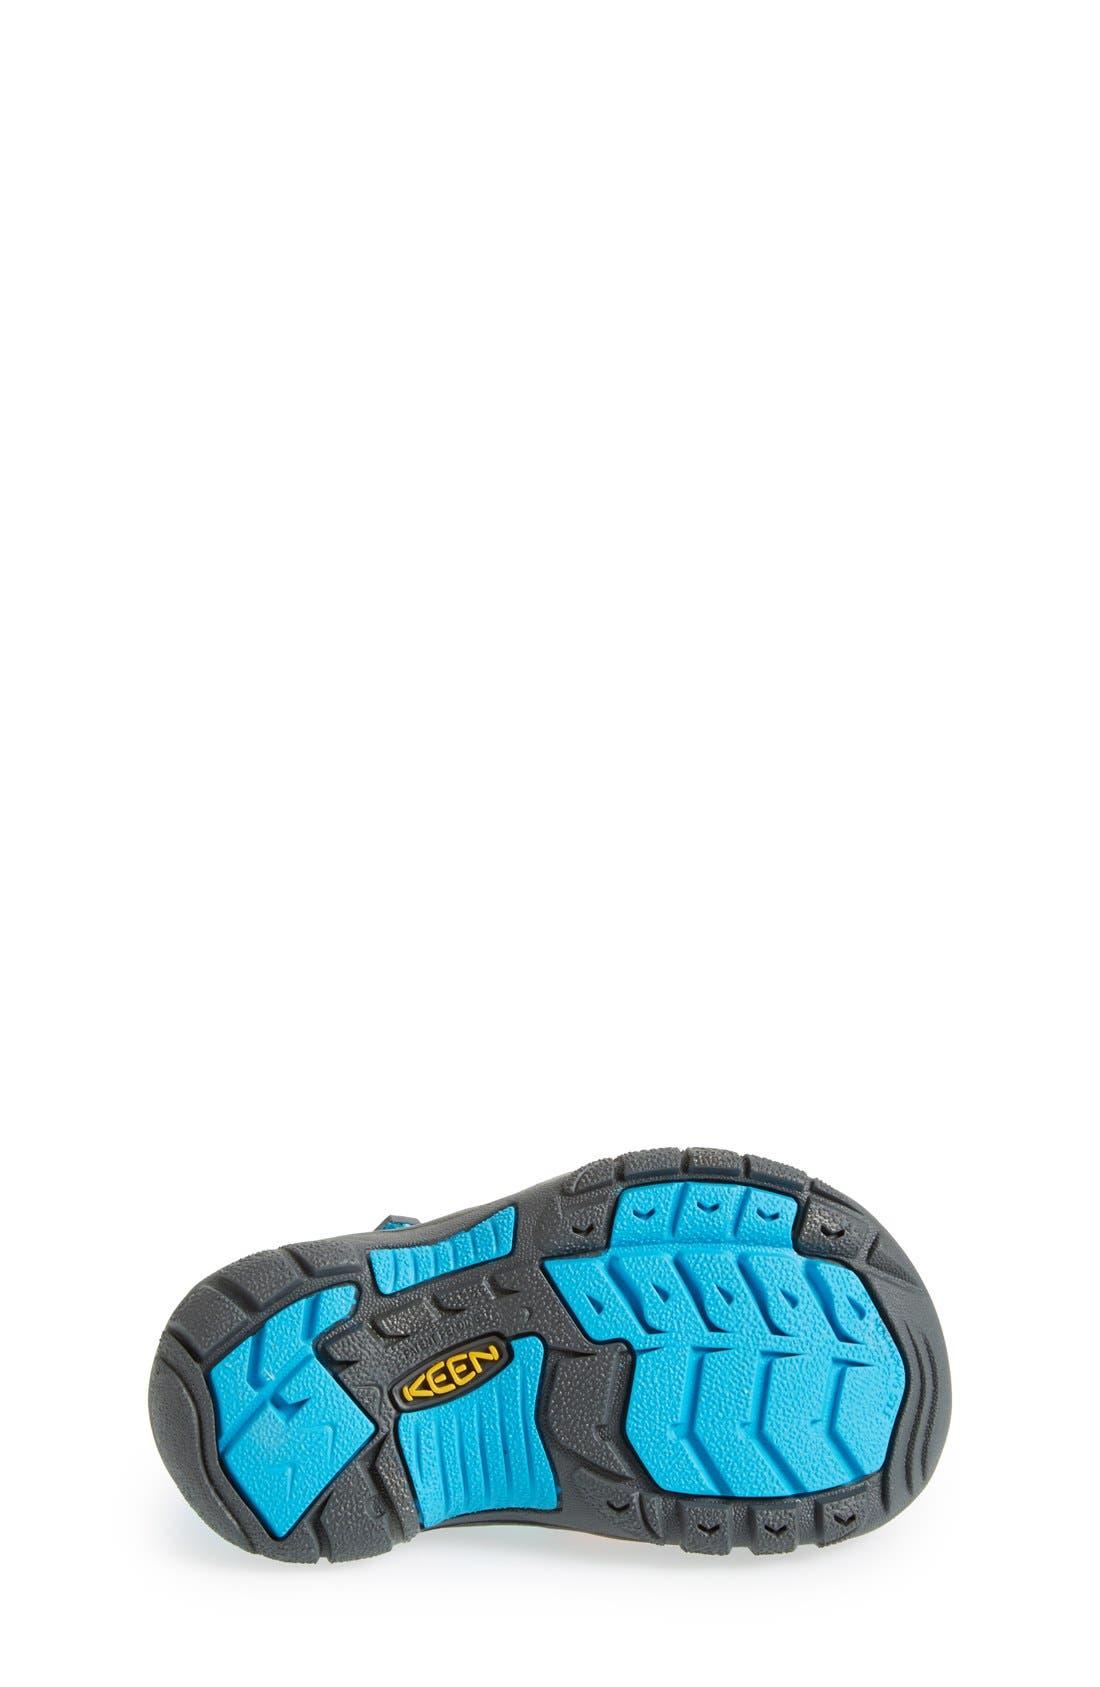 Alternate Image 4  - Keen 'Newport H2' Waterproof Sandal (Baby, Walker, Toddler, Little Kid & Big Kid)